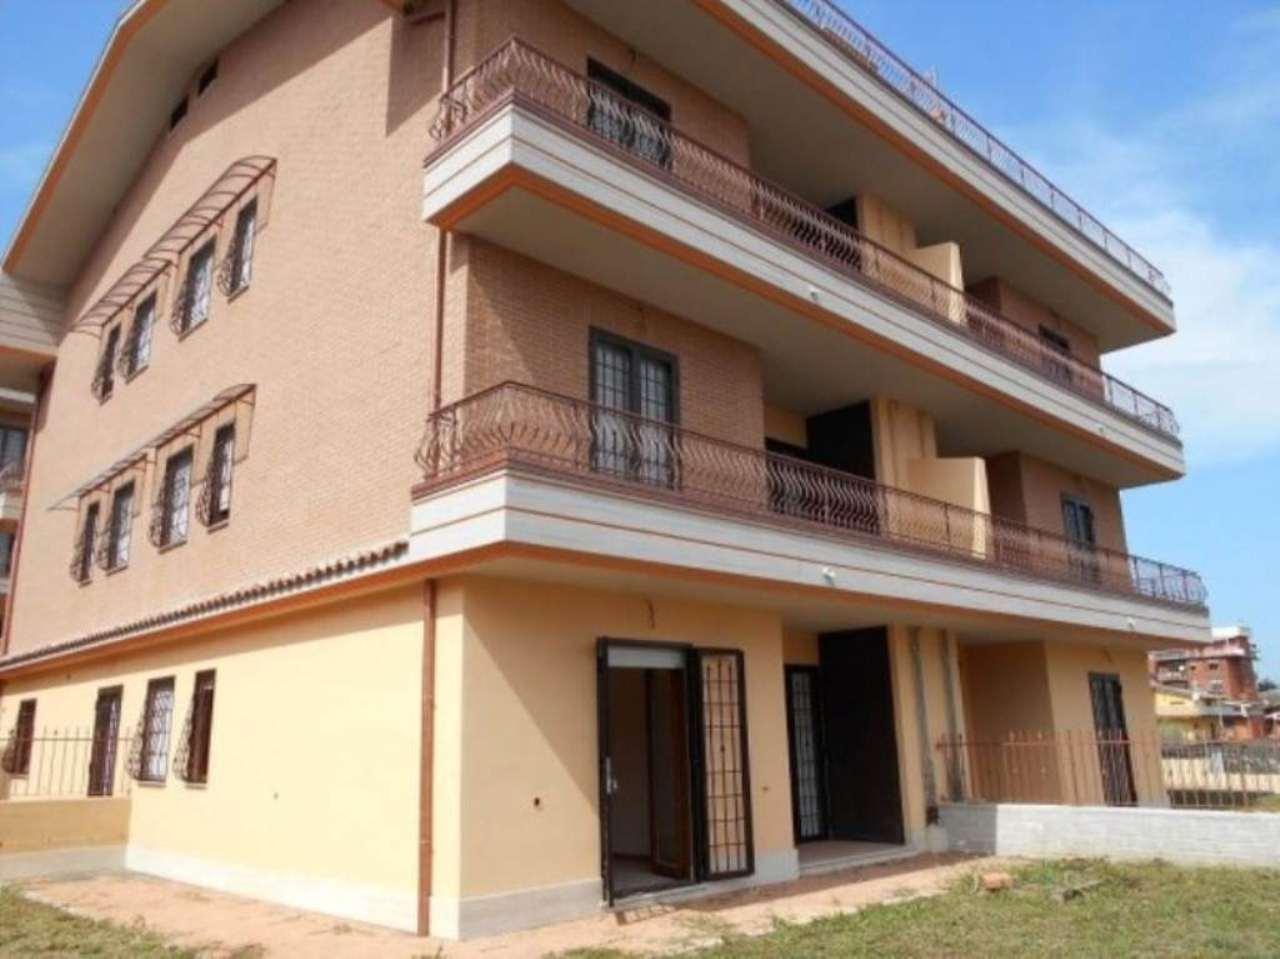 Appartamento in vendita a San Cesareo, 3 locali, prezzo € 115.000 | CambioCasa.it